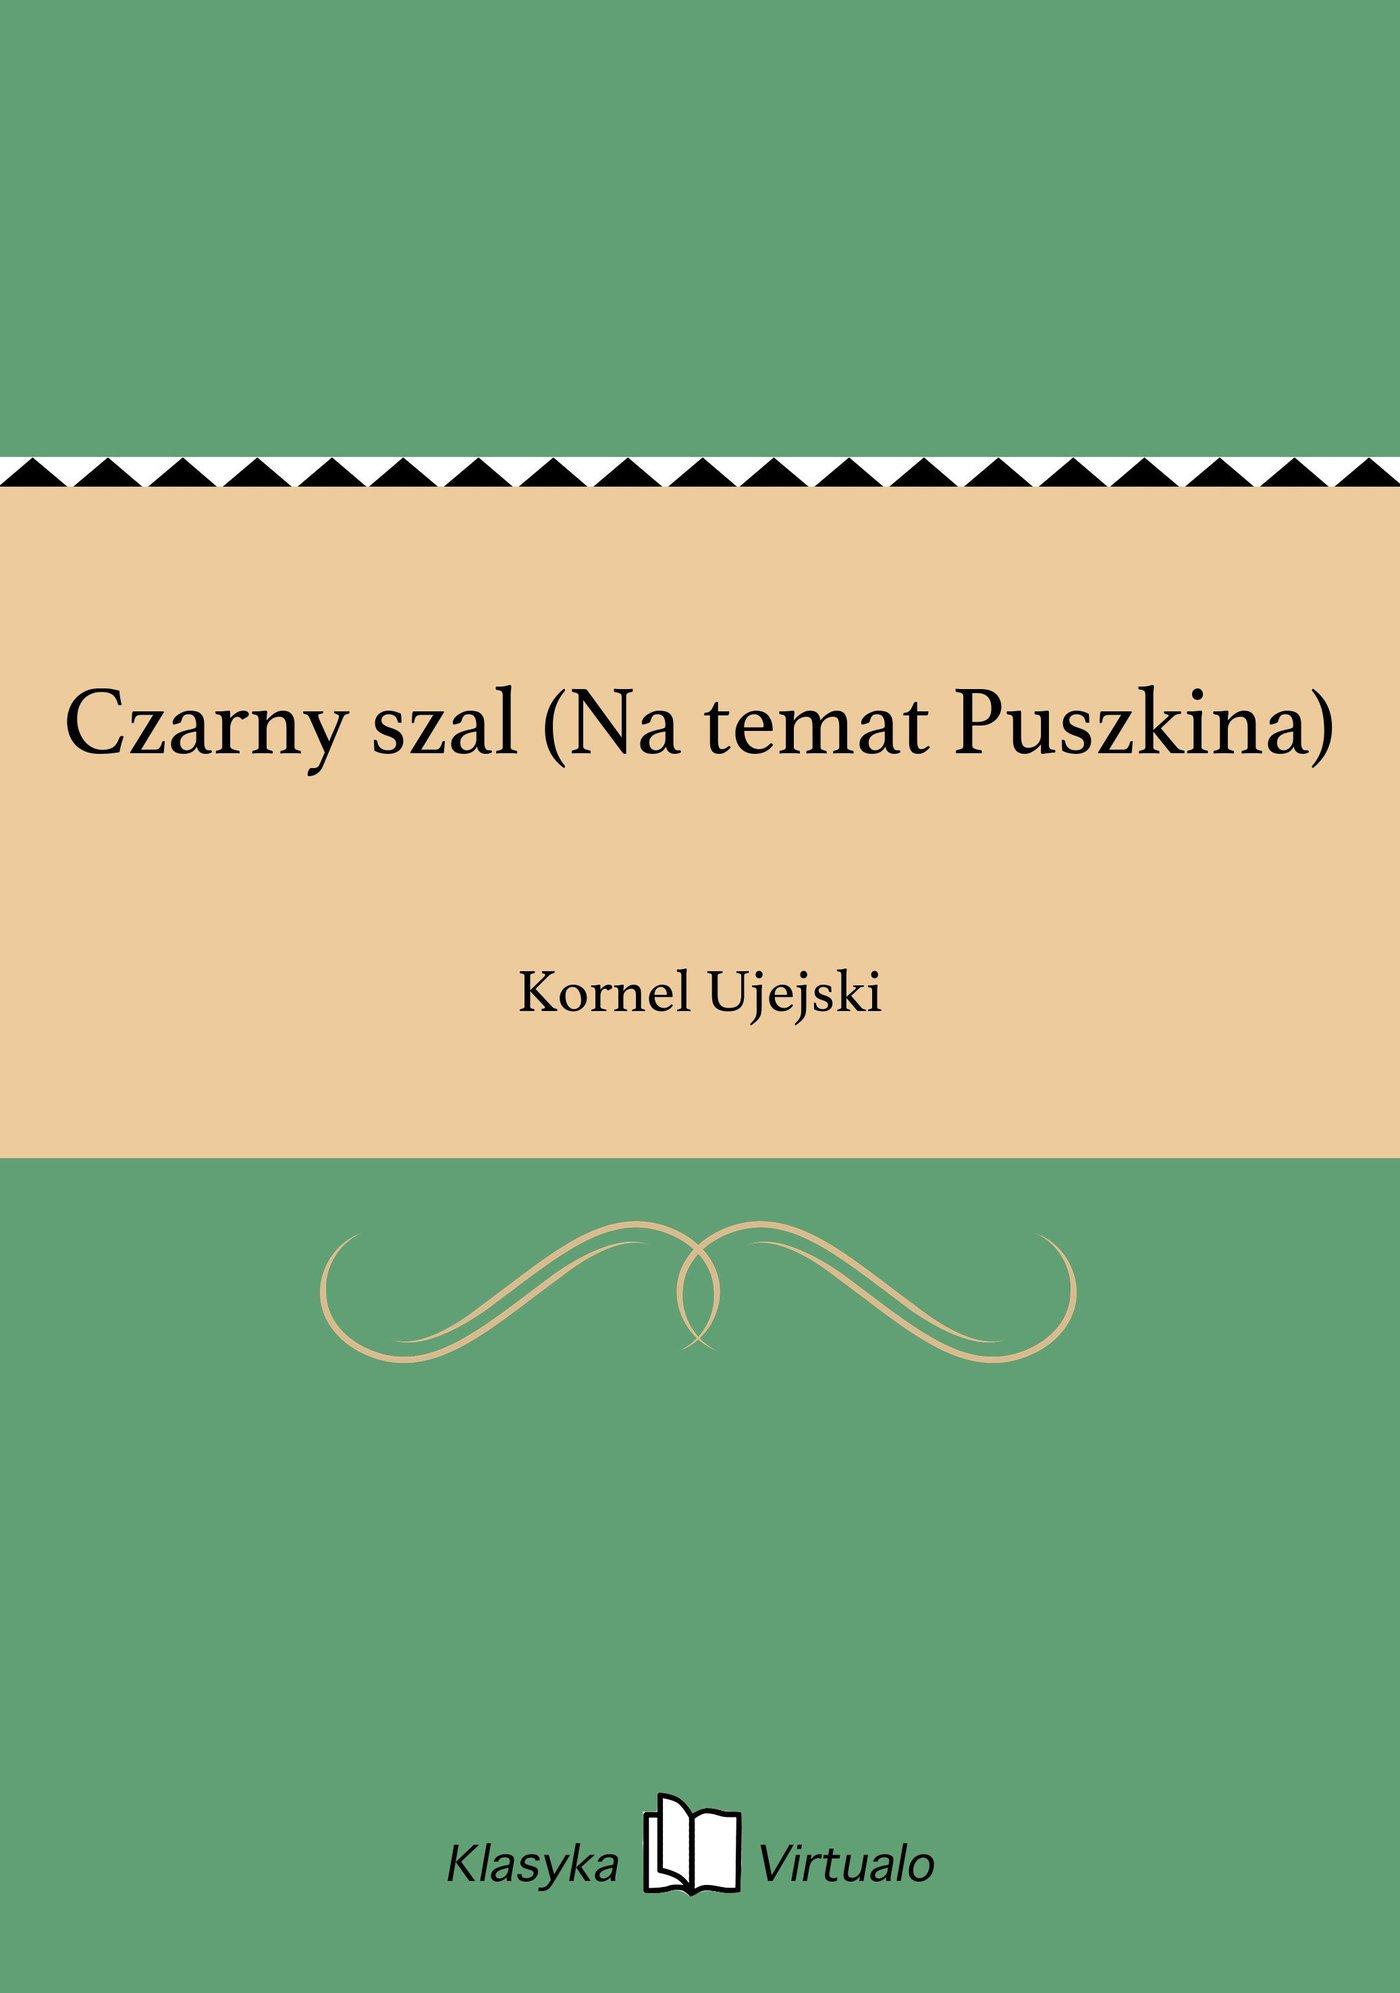 Czarny szal (Na temat Puszkina) - Ebook (Książka na Kindle) do pobrania w formacie MOBI